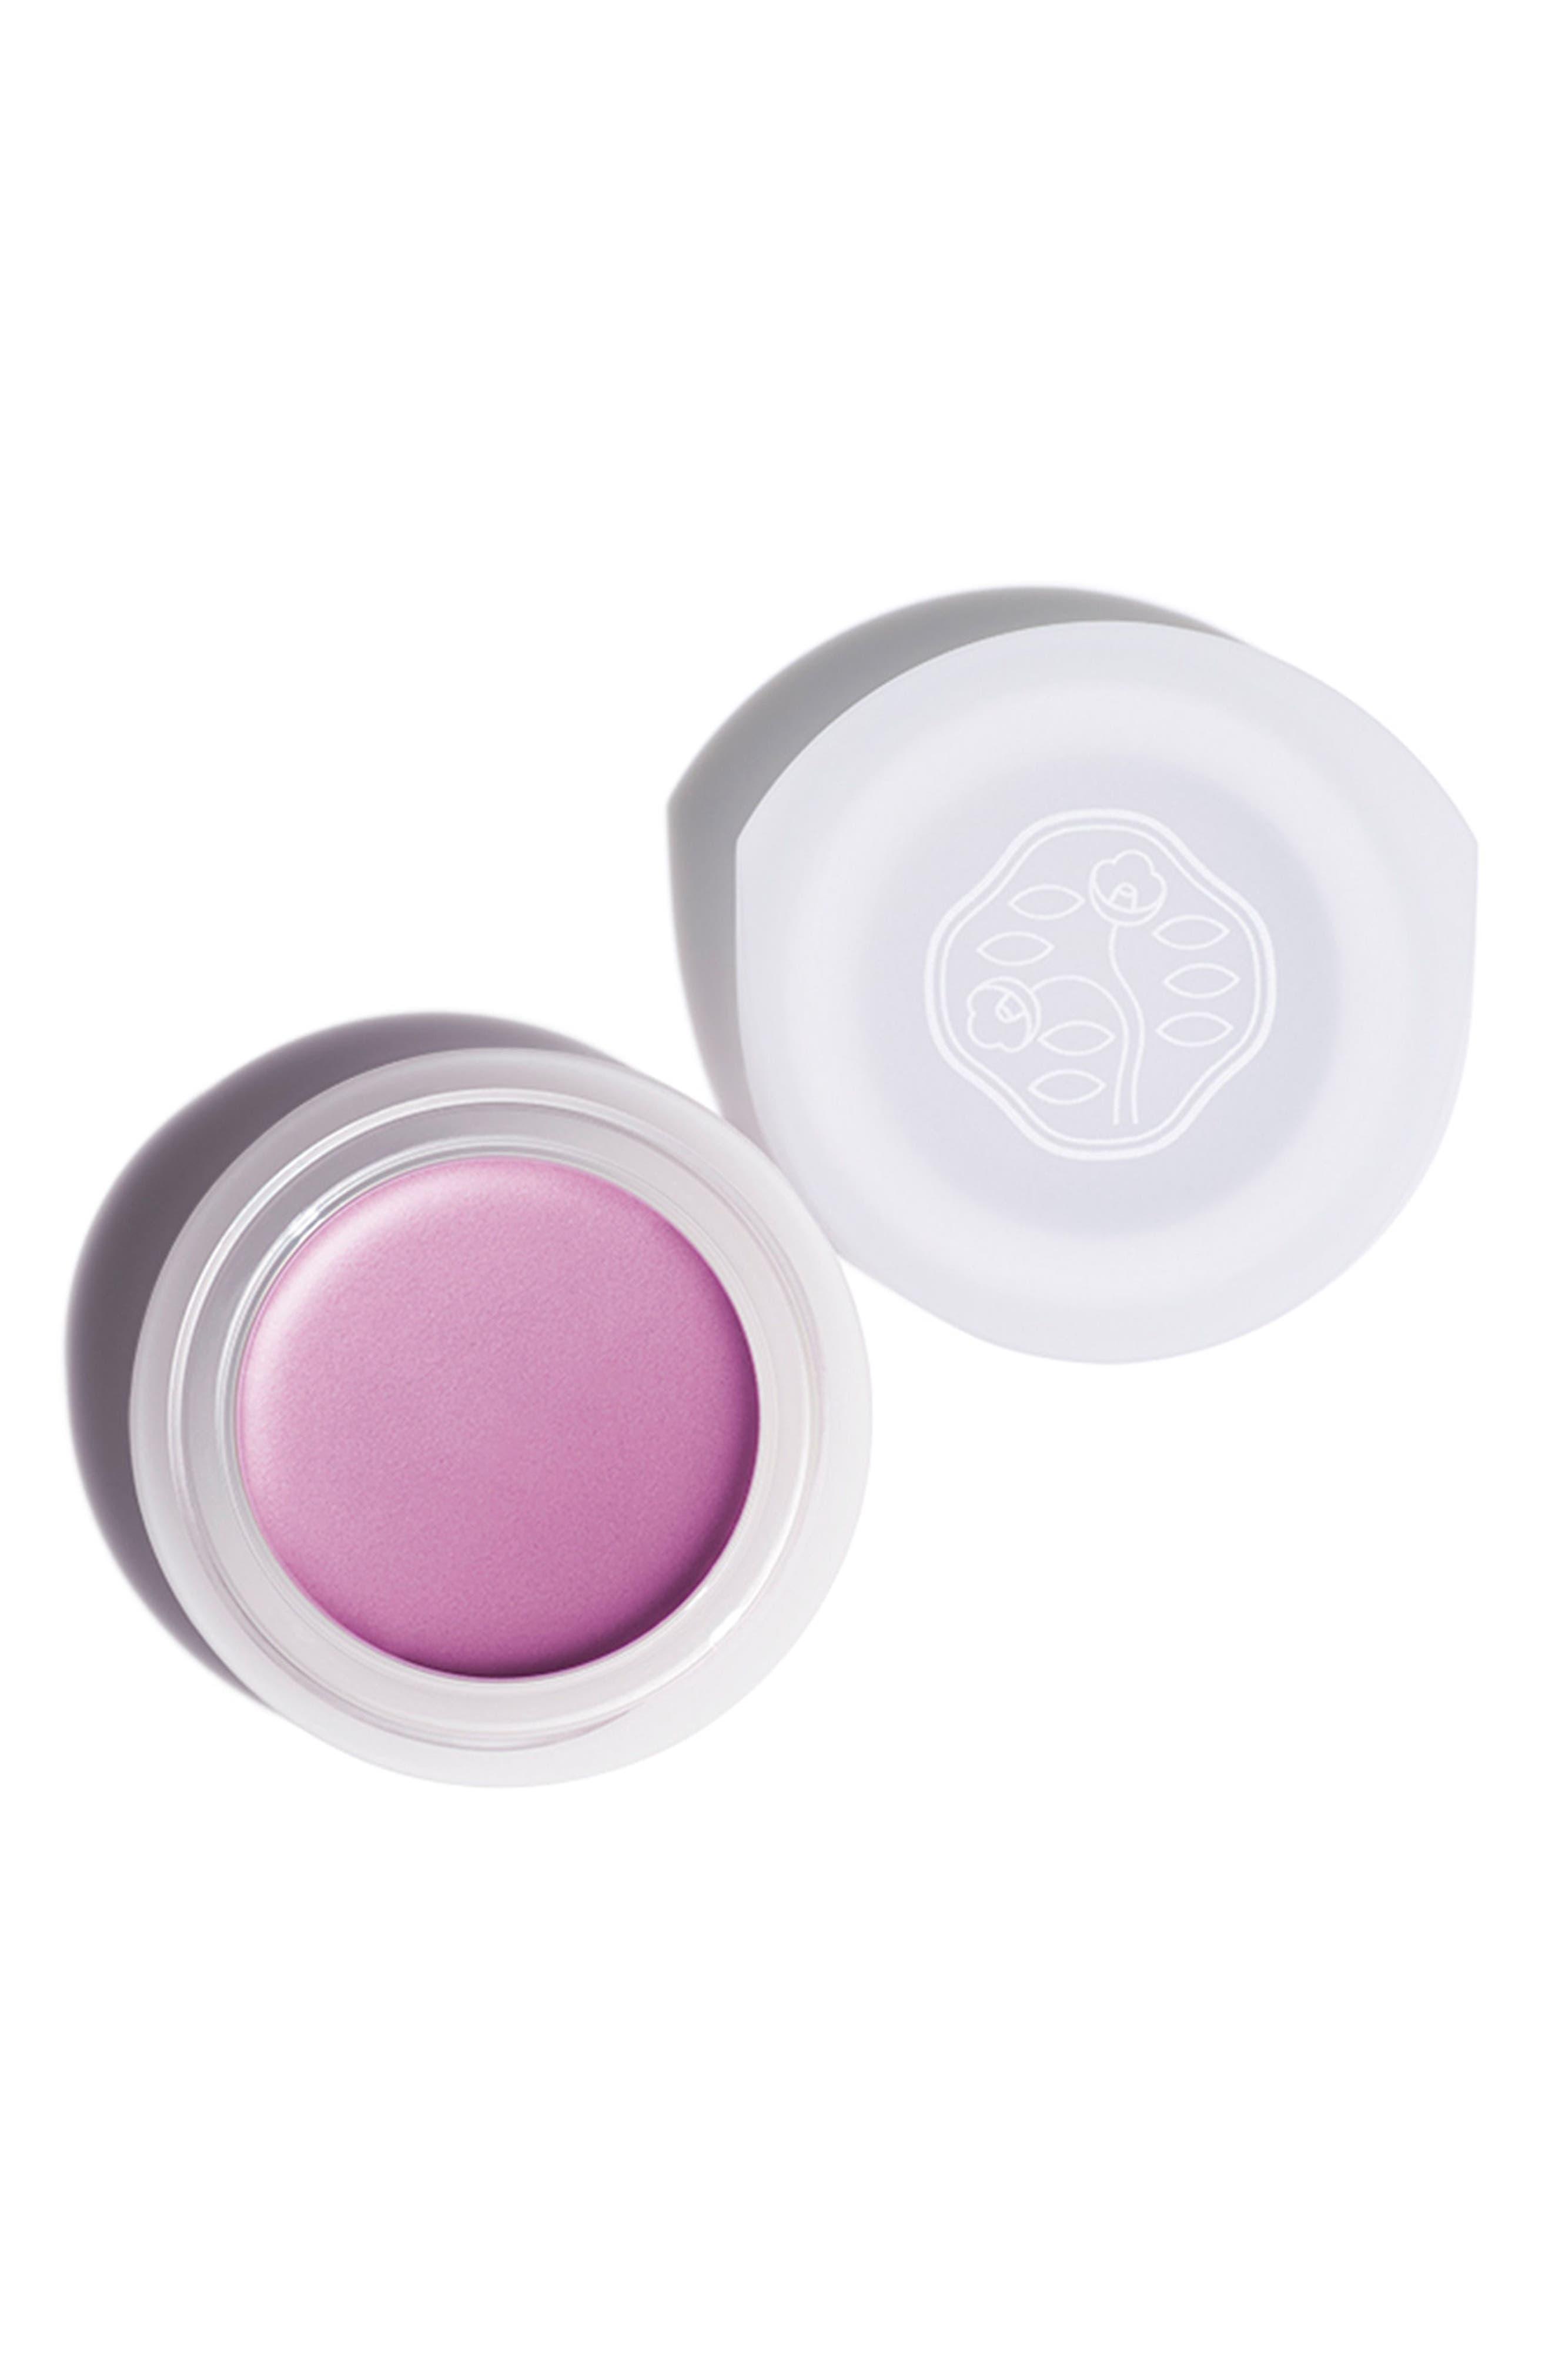 Alternate Image 1 Selected - Shiseido Paperlight Cream Eye Color